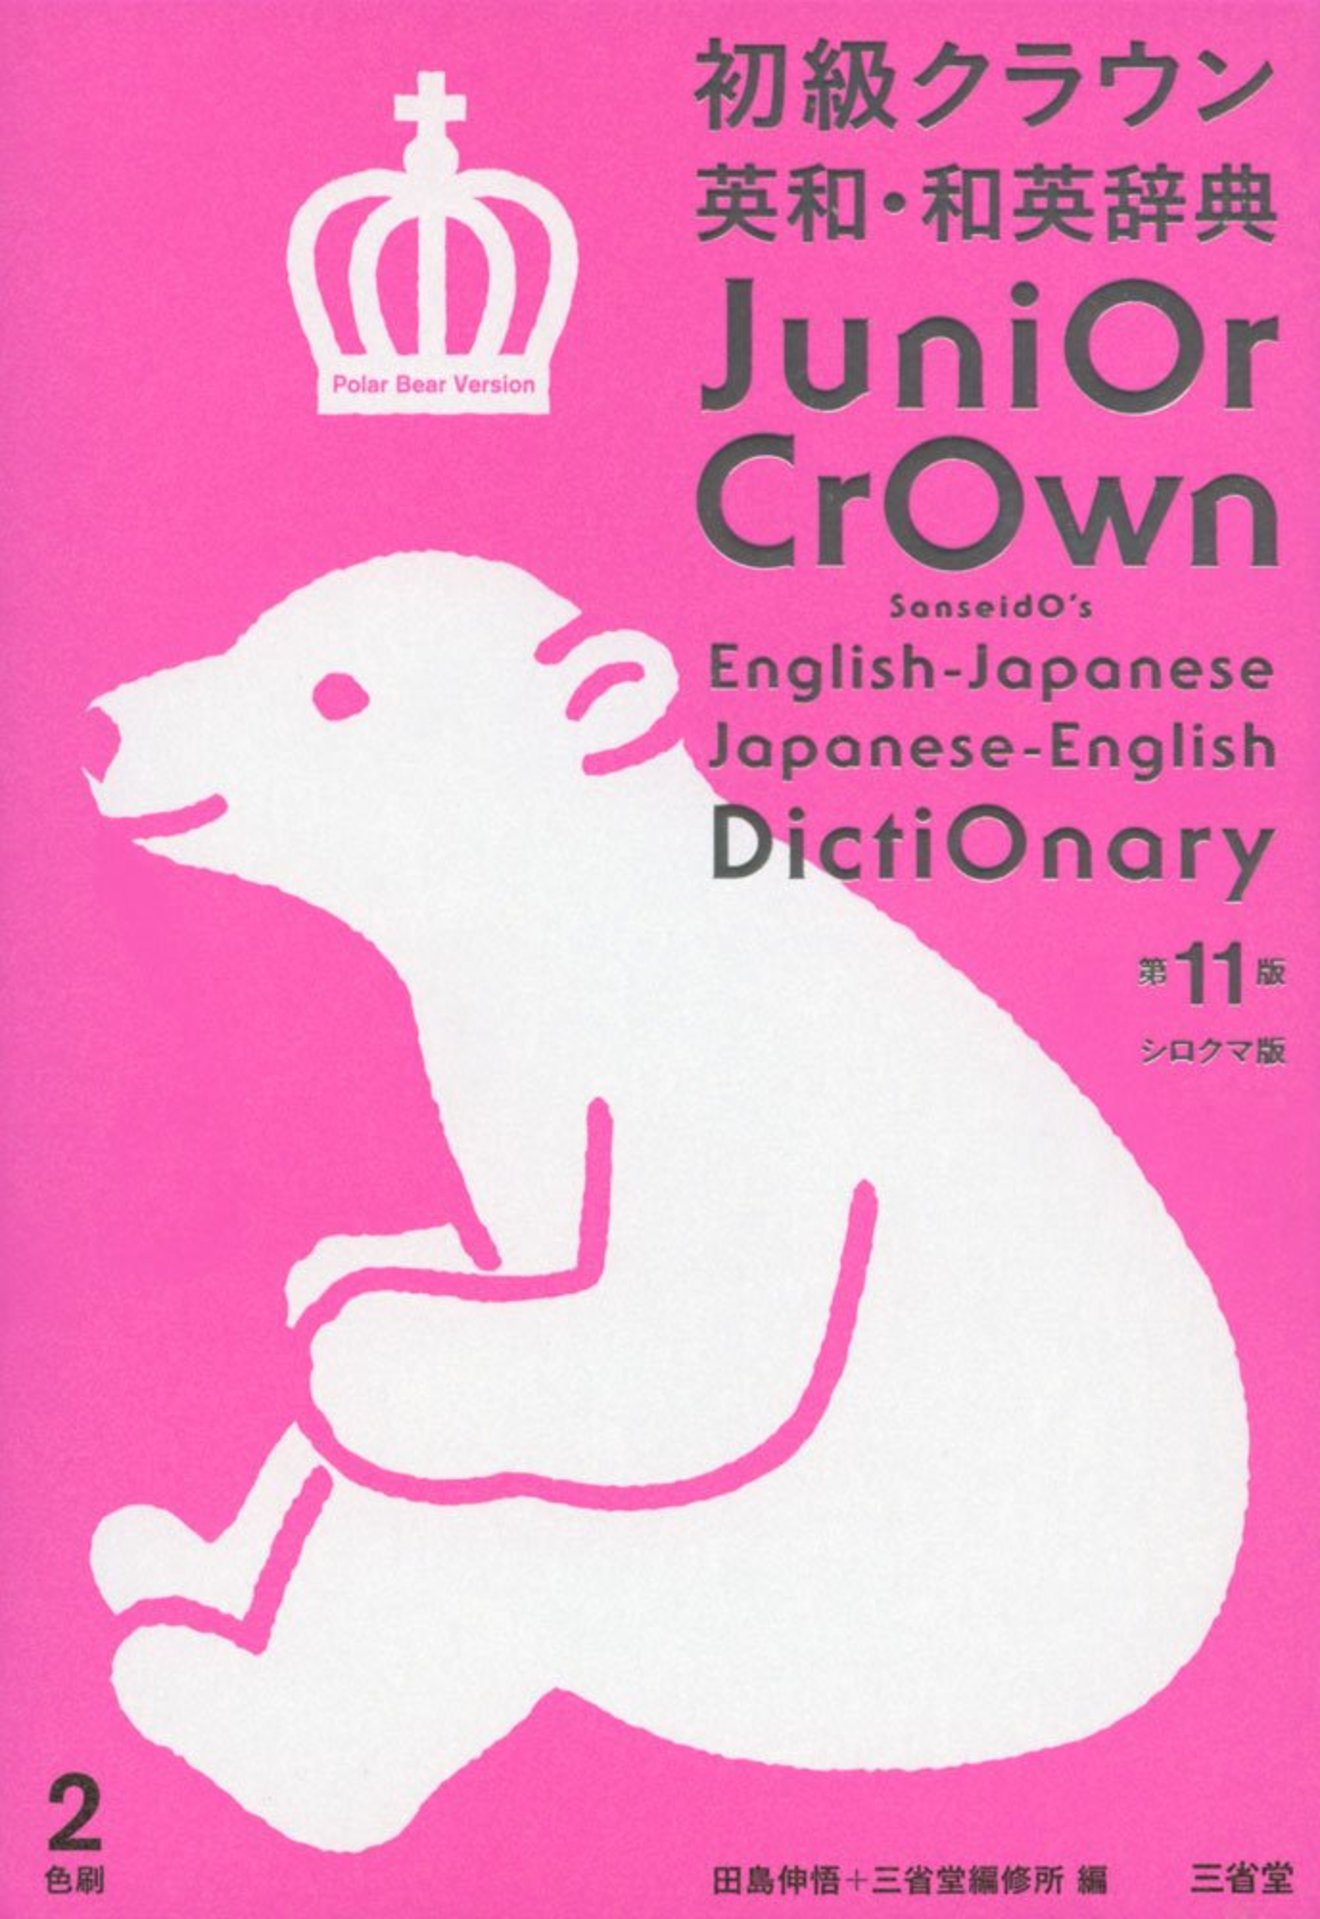 英和辞典のおすすめは?小学生、中学生、高校生向けをそれぞれ紹介!